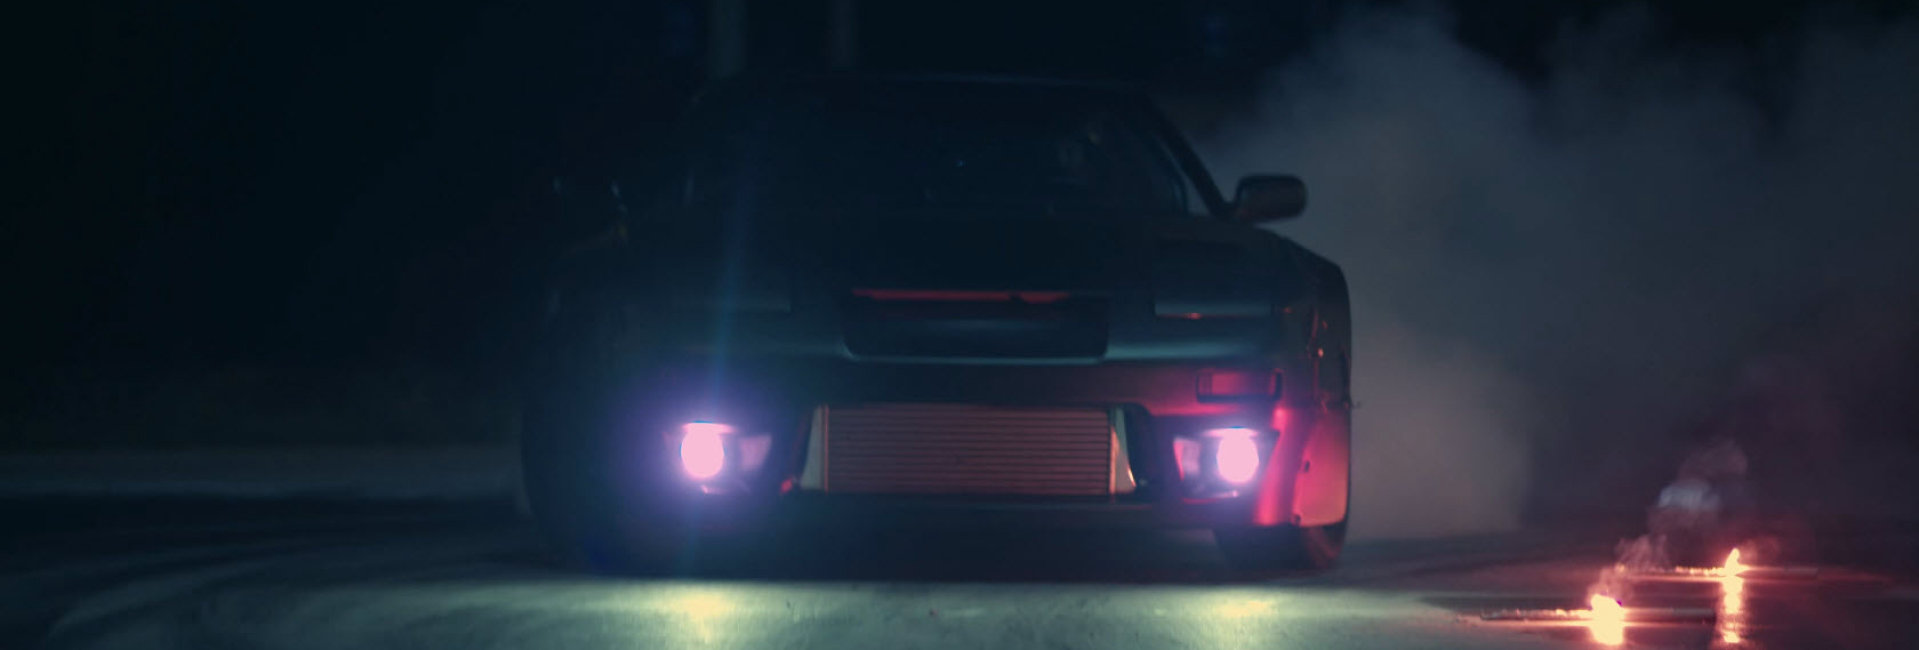 Driftcar mit farbigen LED Nebelscheinwerfern von Osram